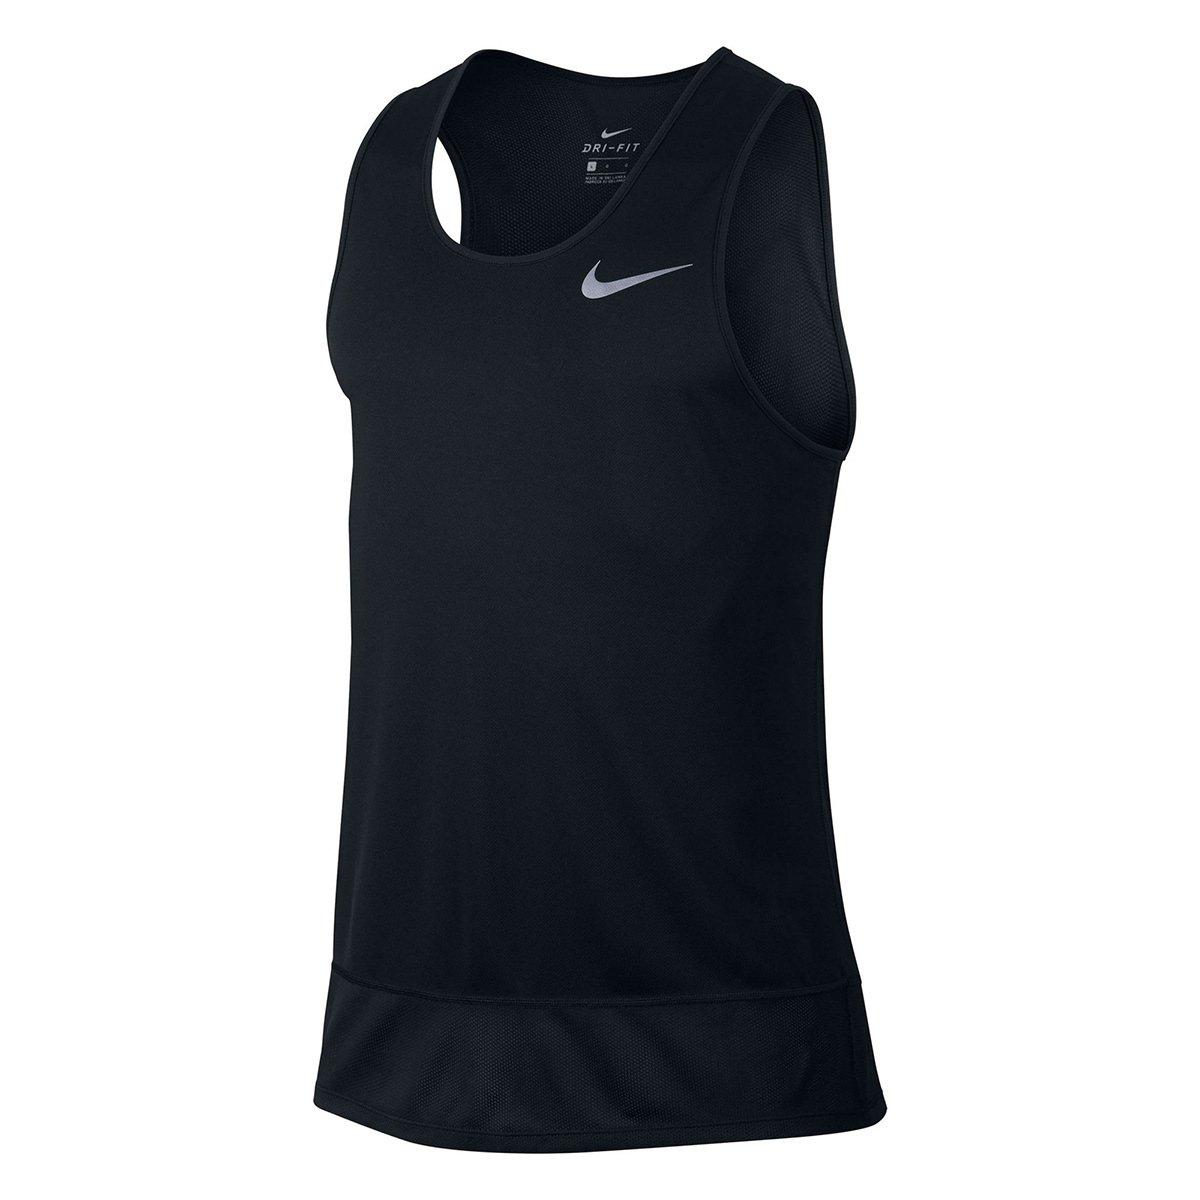 769158a167 Regata Nike Breathe Rapid Dri-Fit Masculina